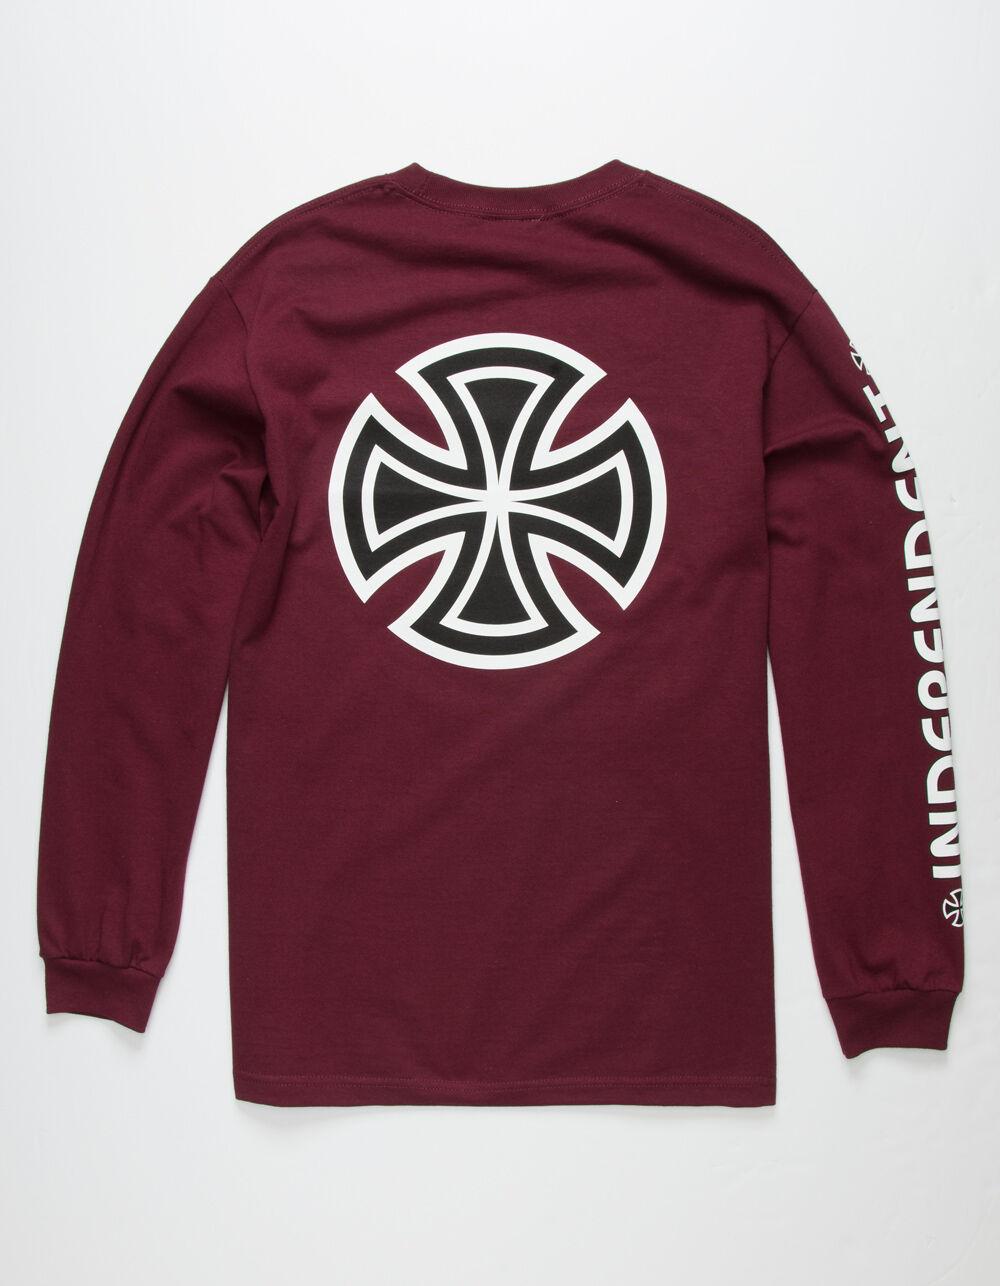 INDEPENDENT Bar Cross Burgundy T-Shirt